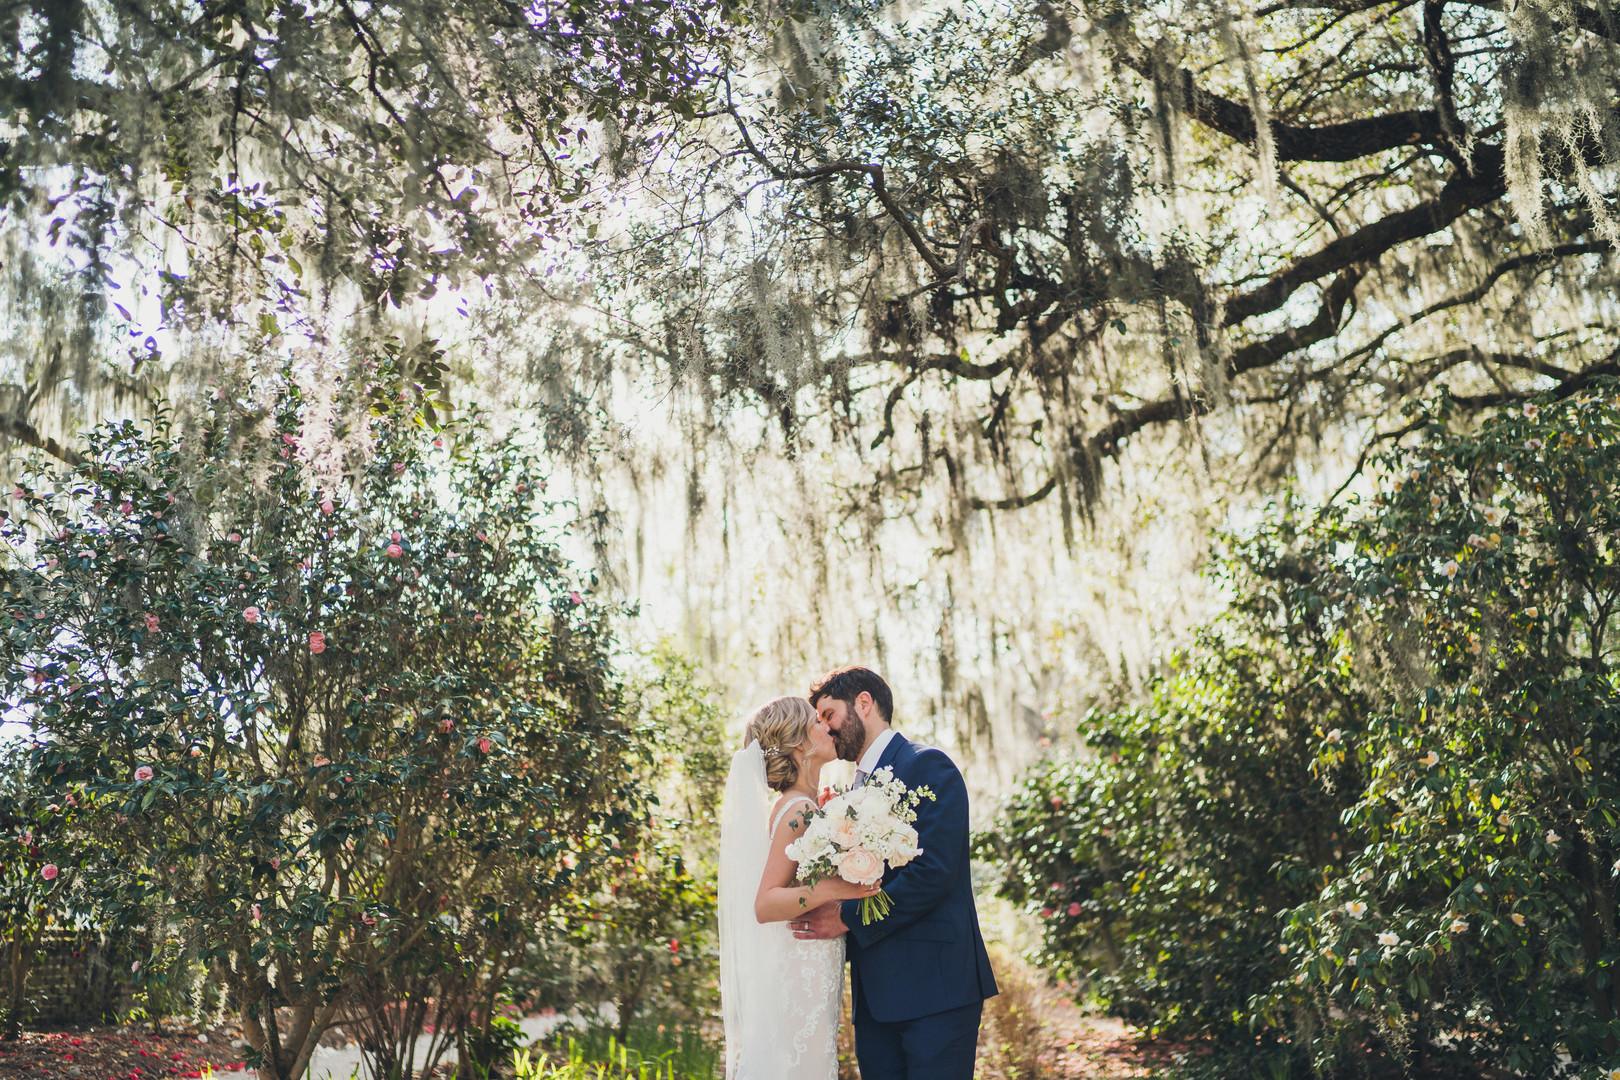 middleton-place-wedding-21.jpg